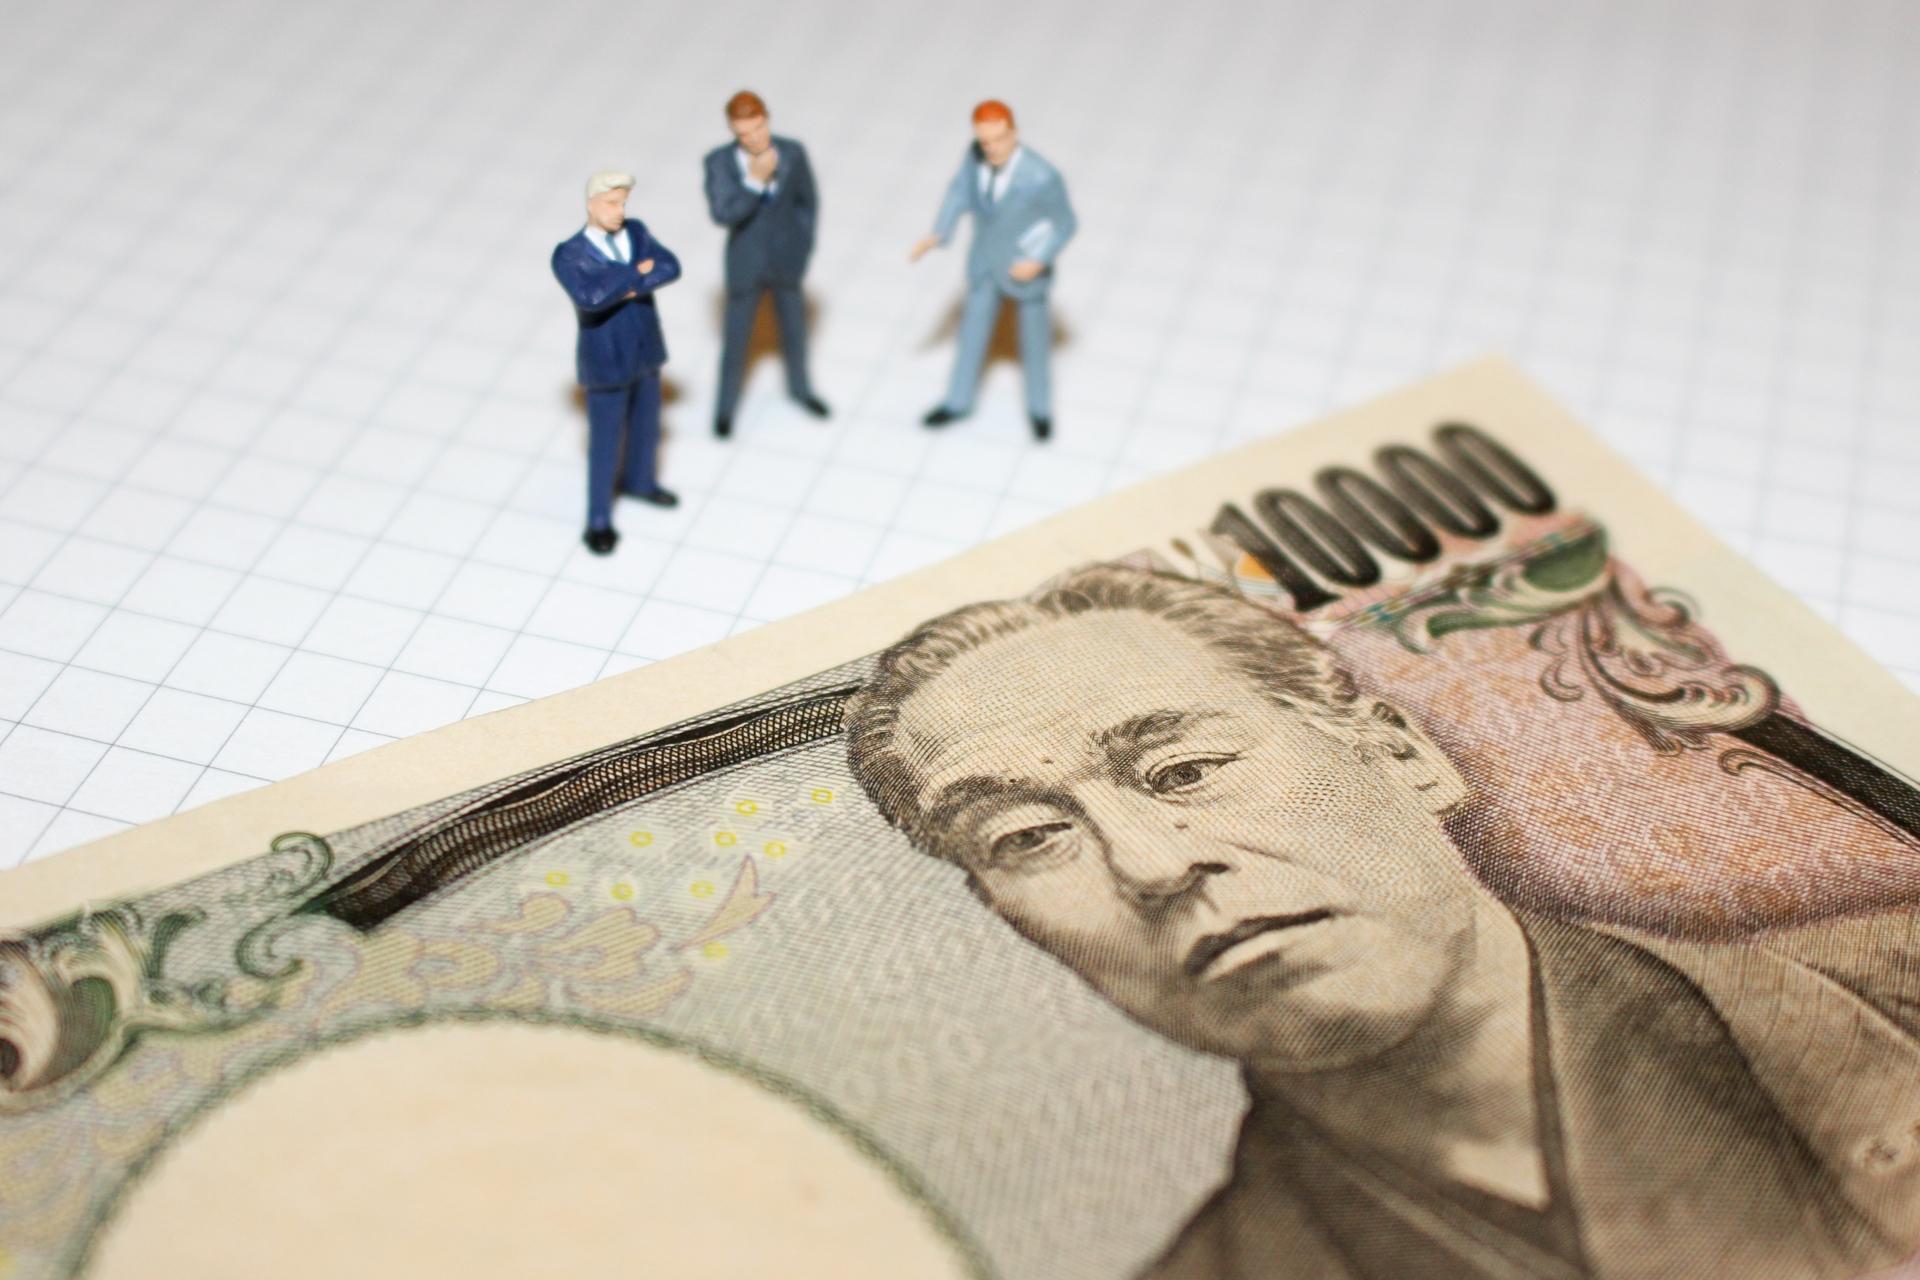 創業融資に必要な事業計画書の書き方を考えてみよう2